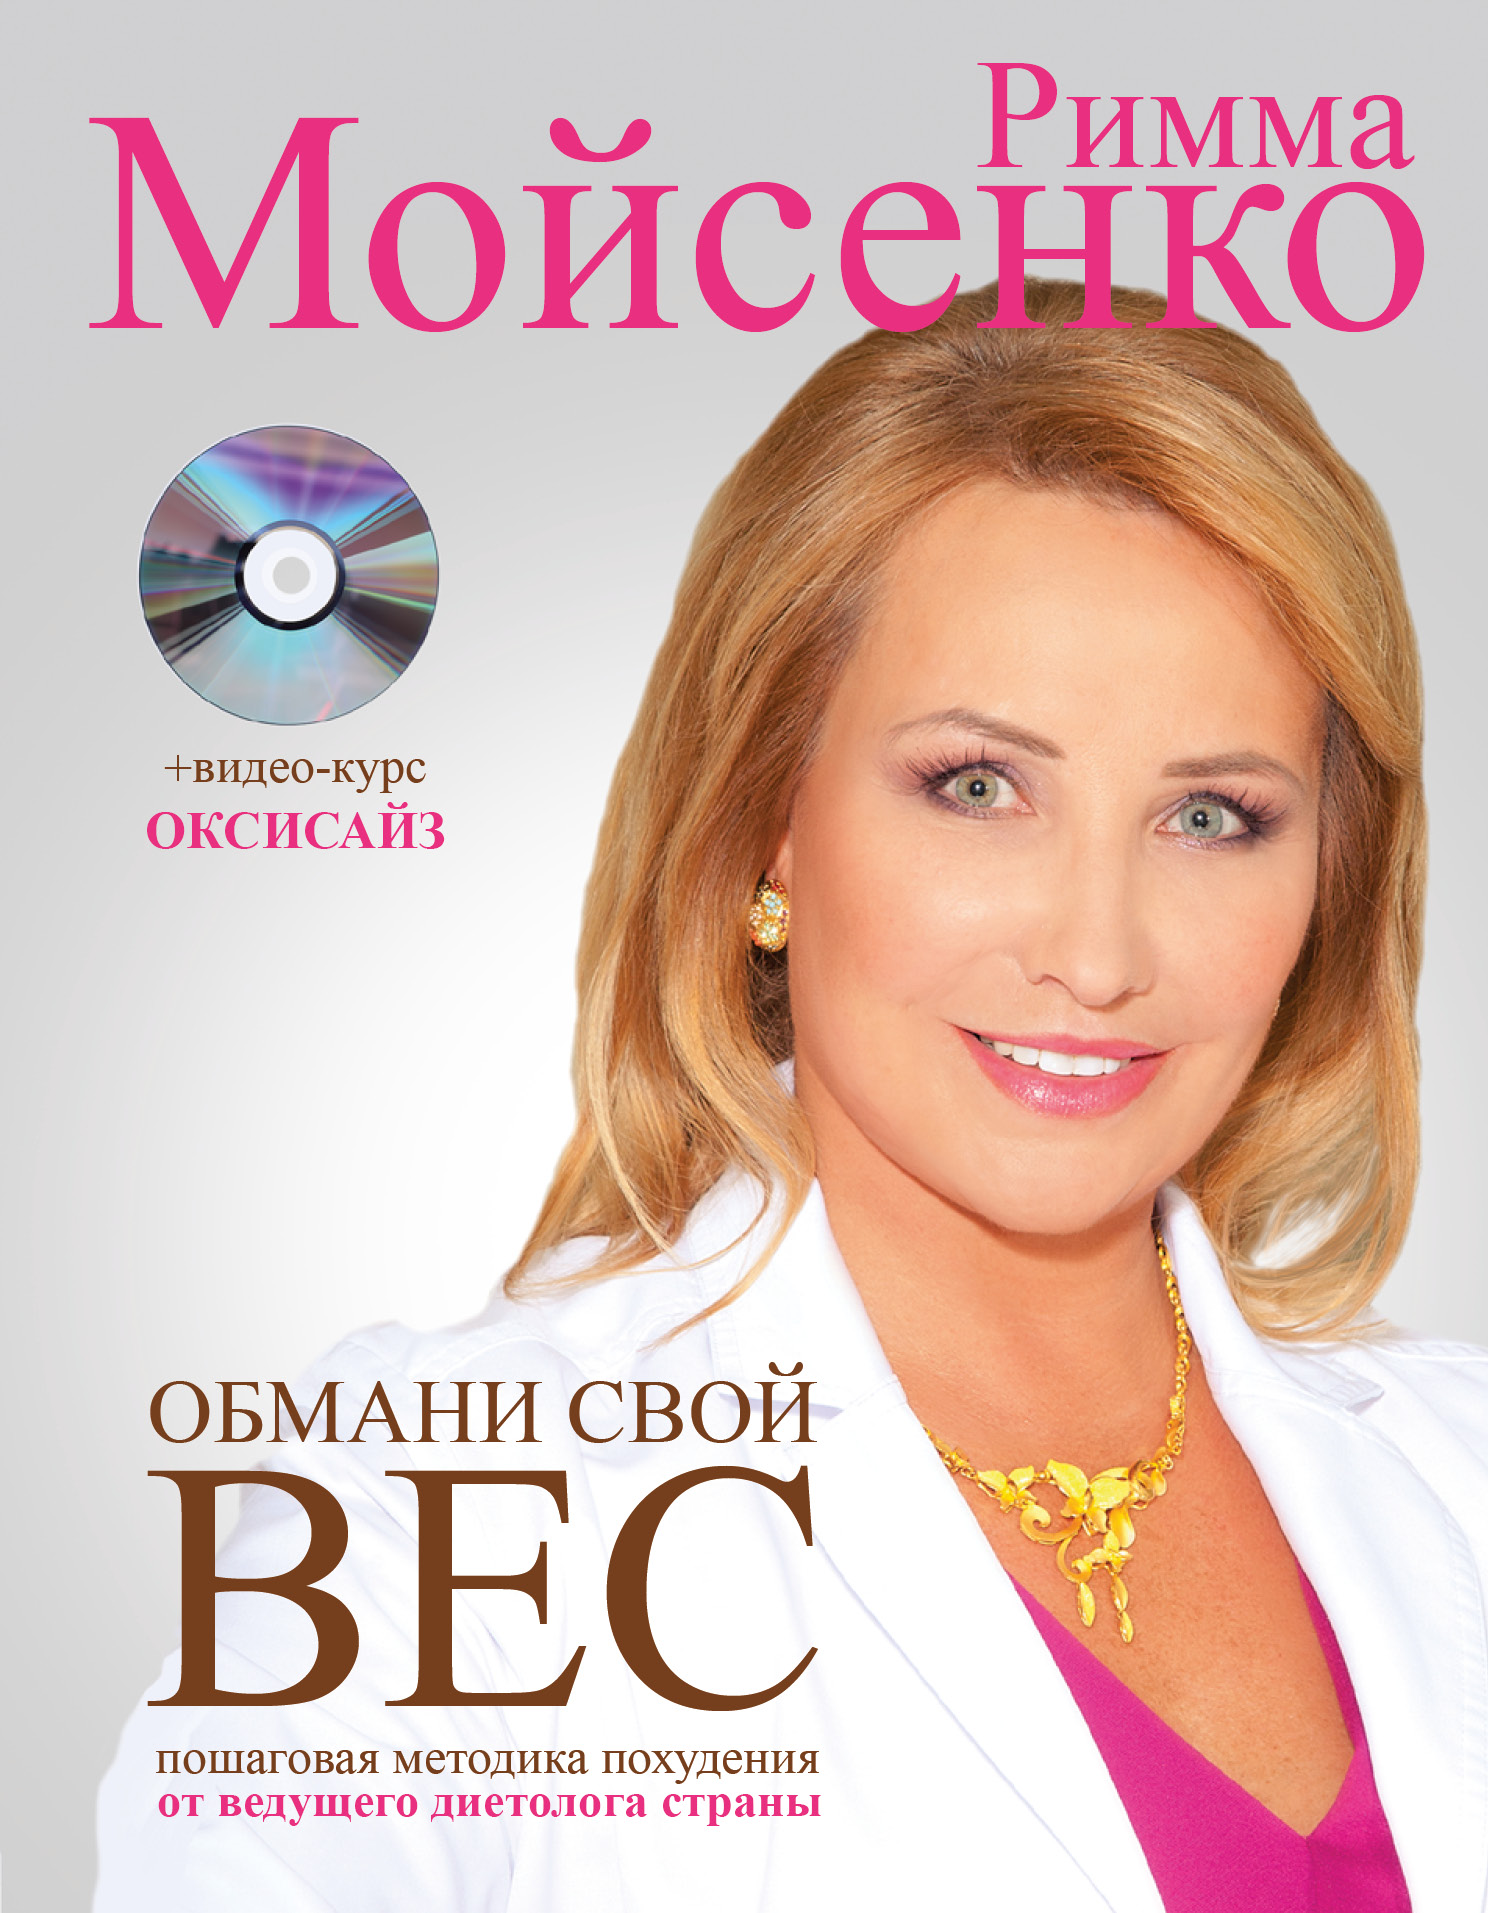 обмани свой вес cd Мойсенко Р.В. Обмани свой вес